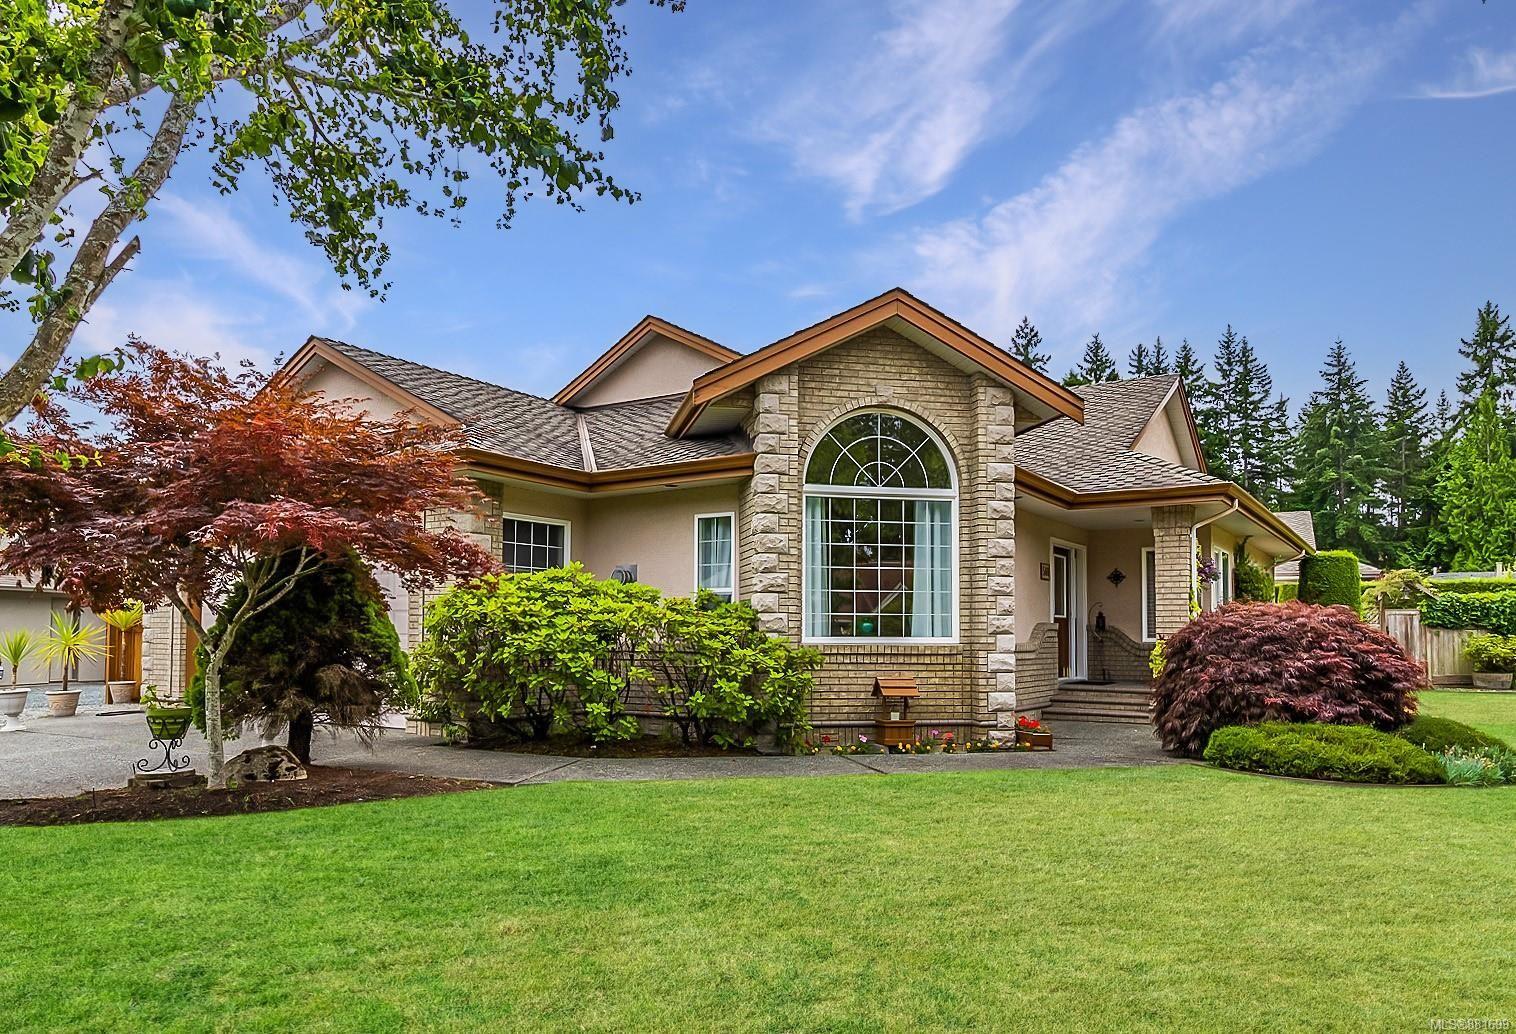 Main Photo: 566 Juniper Dr in : PQ Qualicum Beach House for sale (Parksville/Qualicum)  : MLS®# 881699